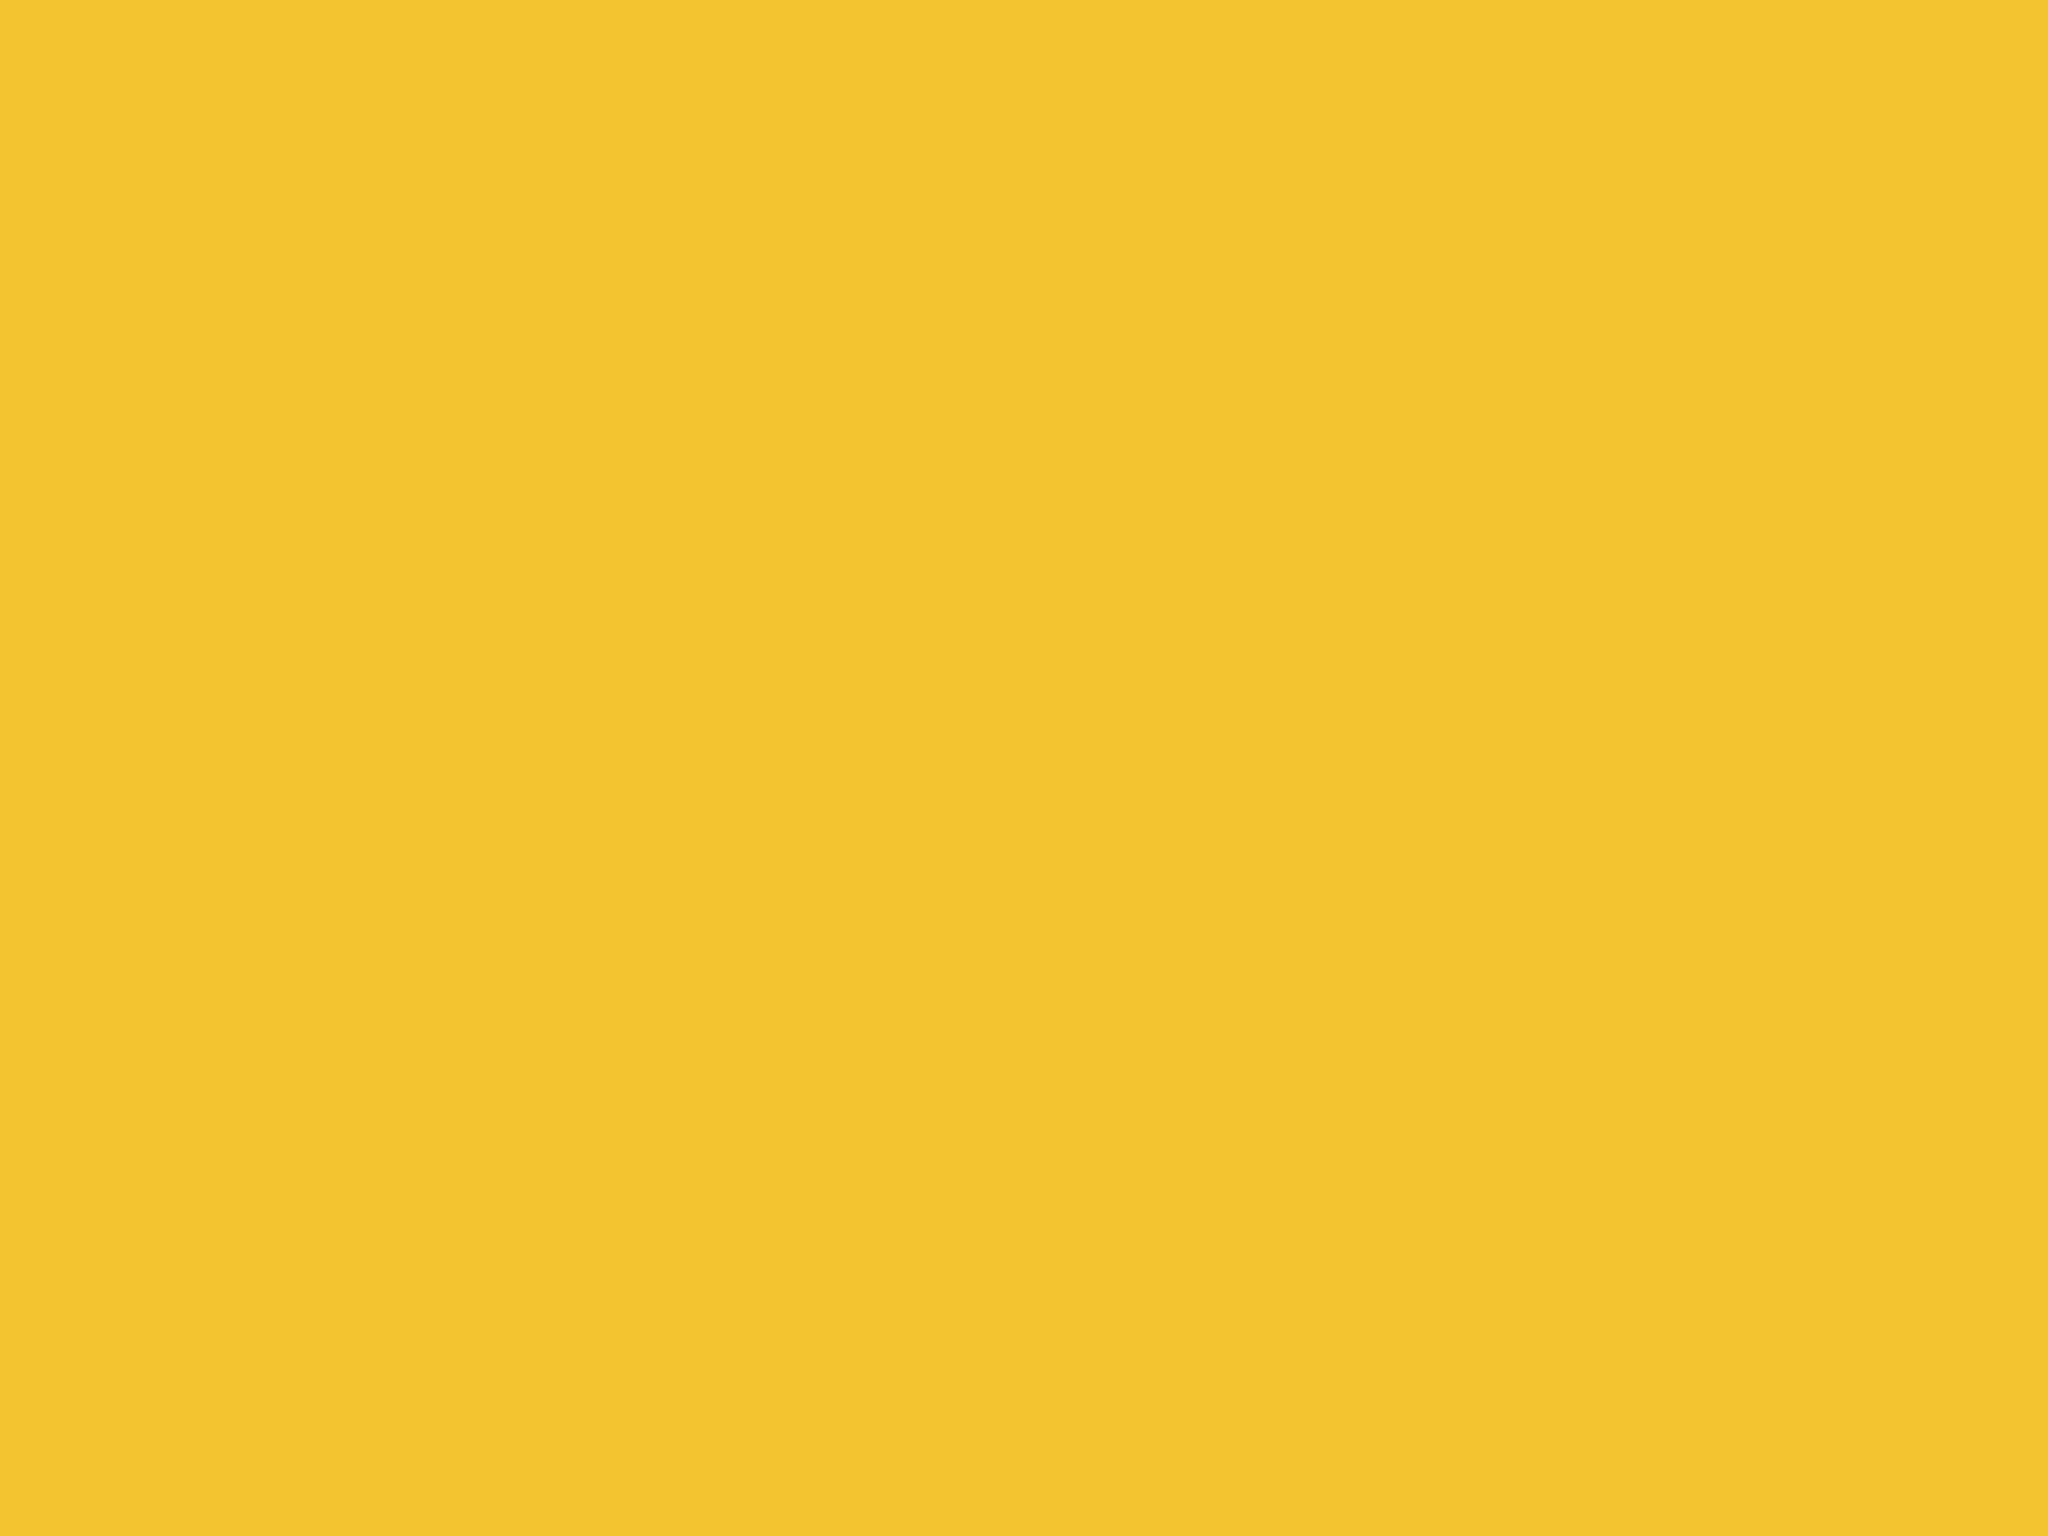 2048x1536 Saffron Solid Color Background